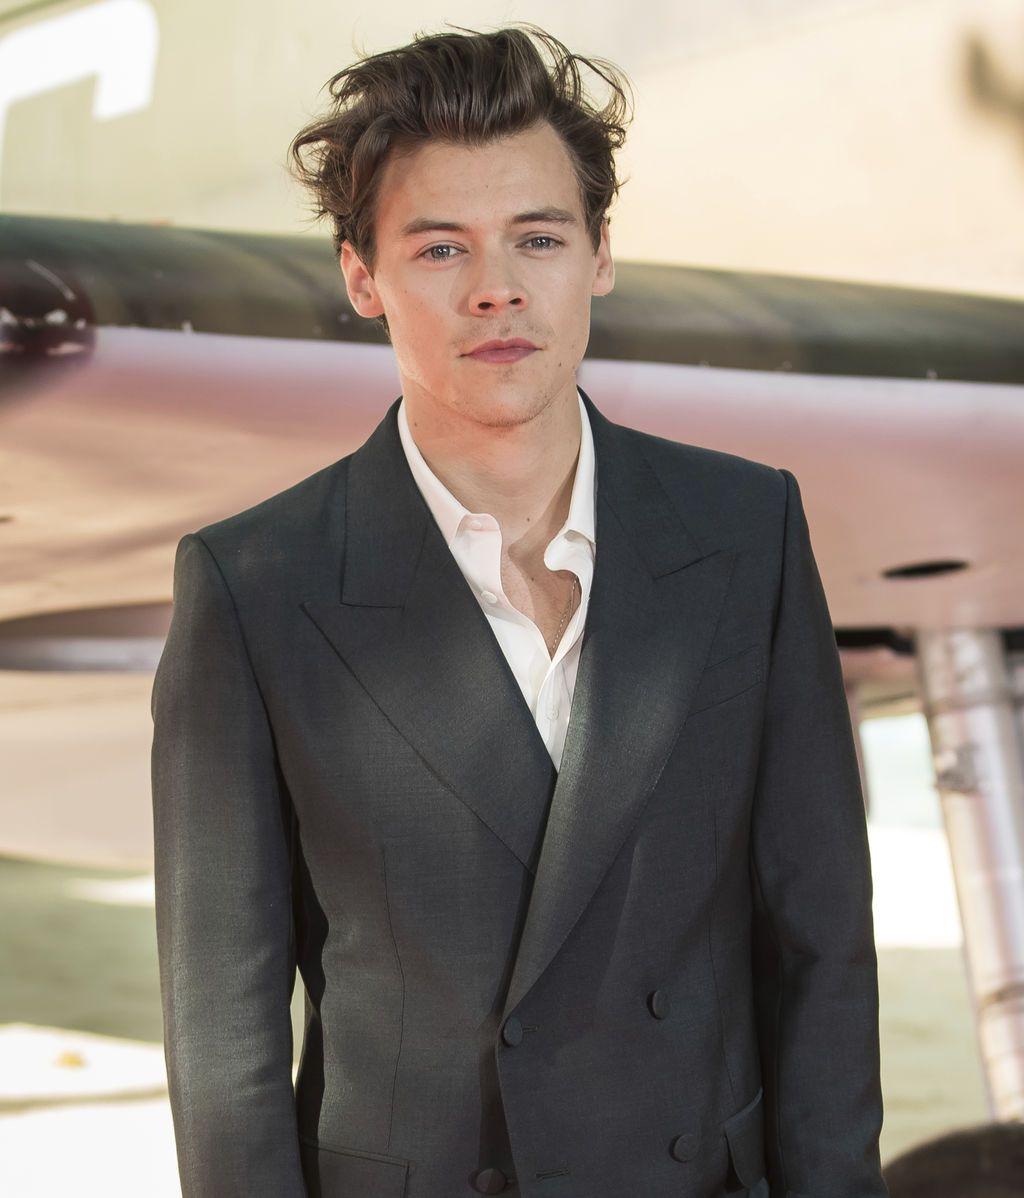 4. Harry Styles